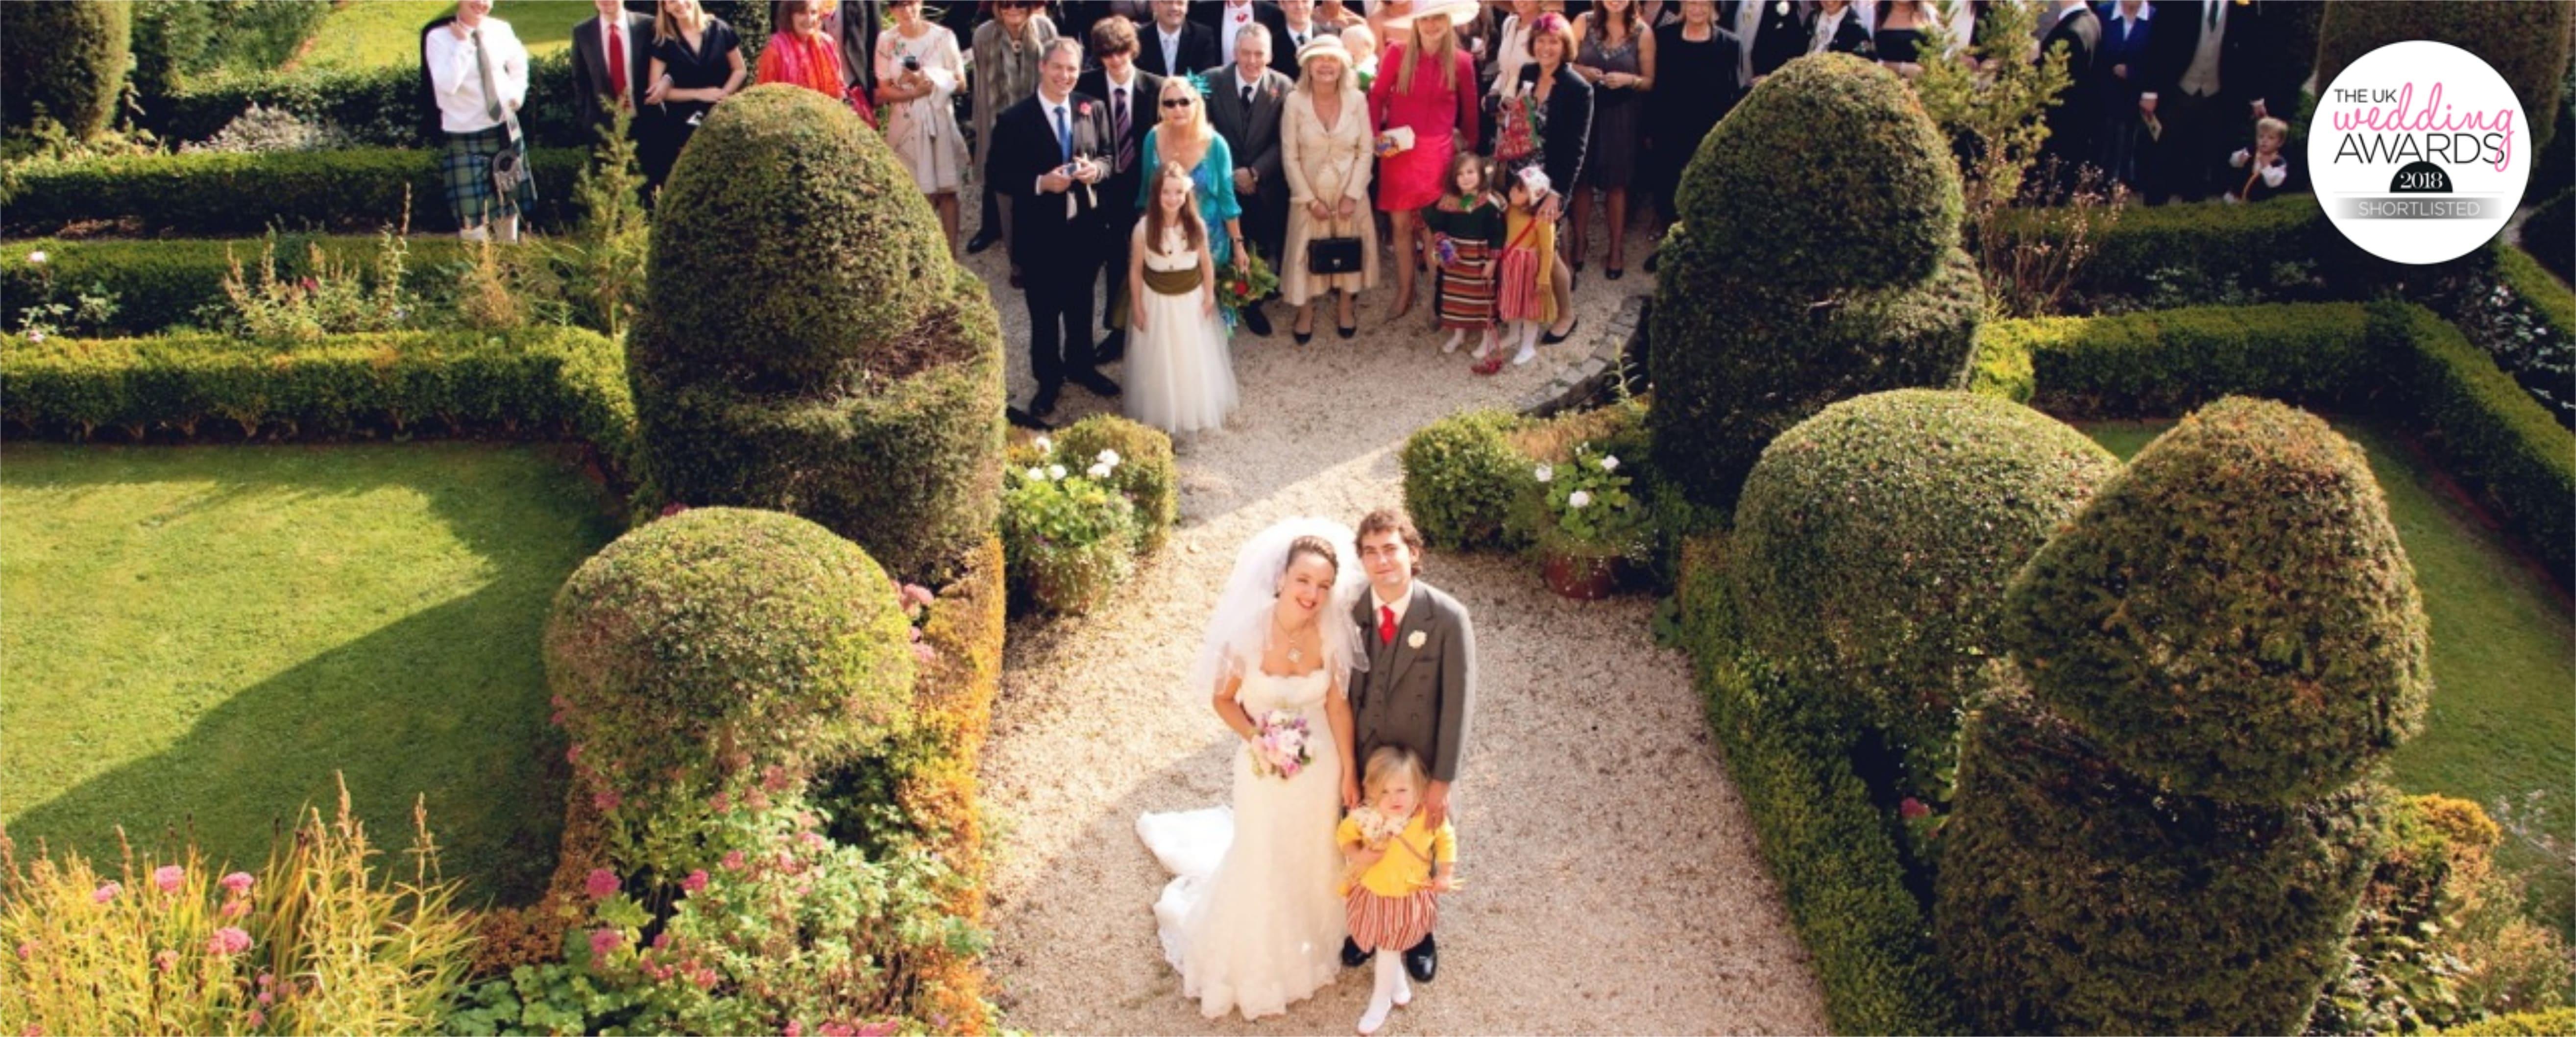 owlpen garden wedding party